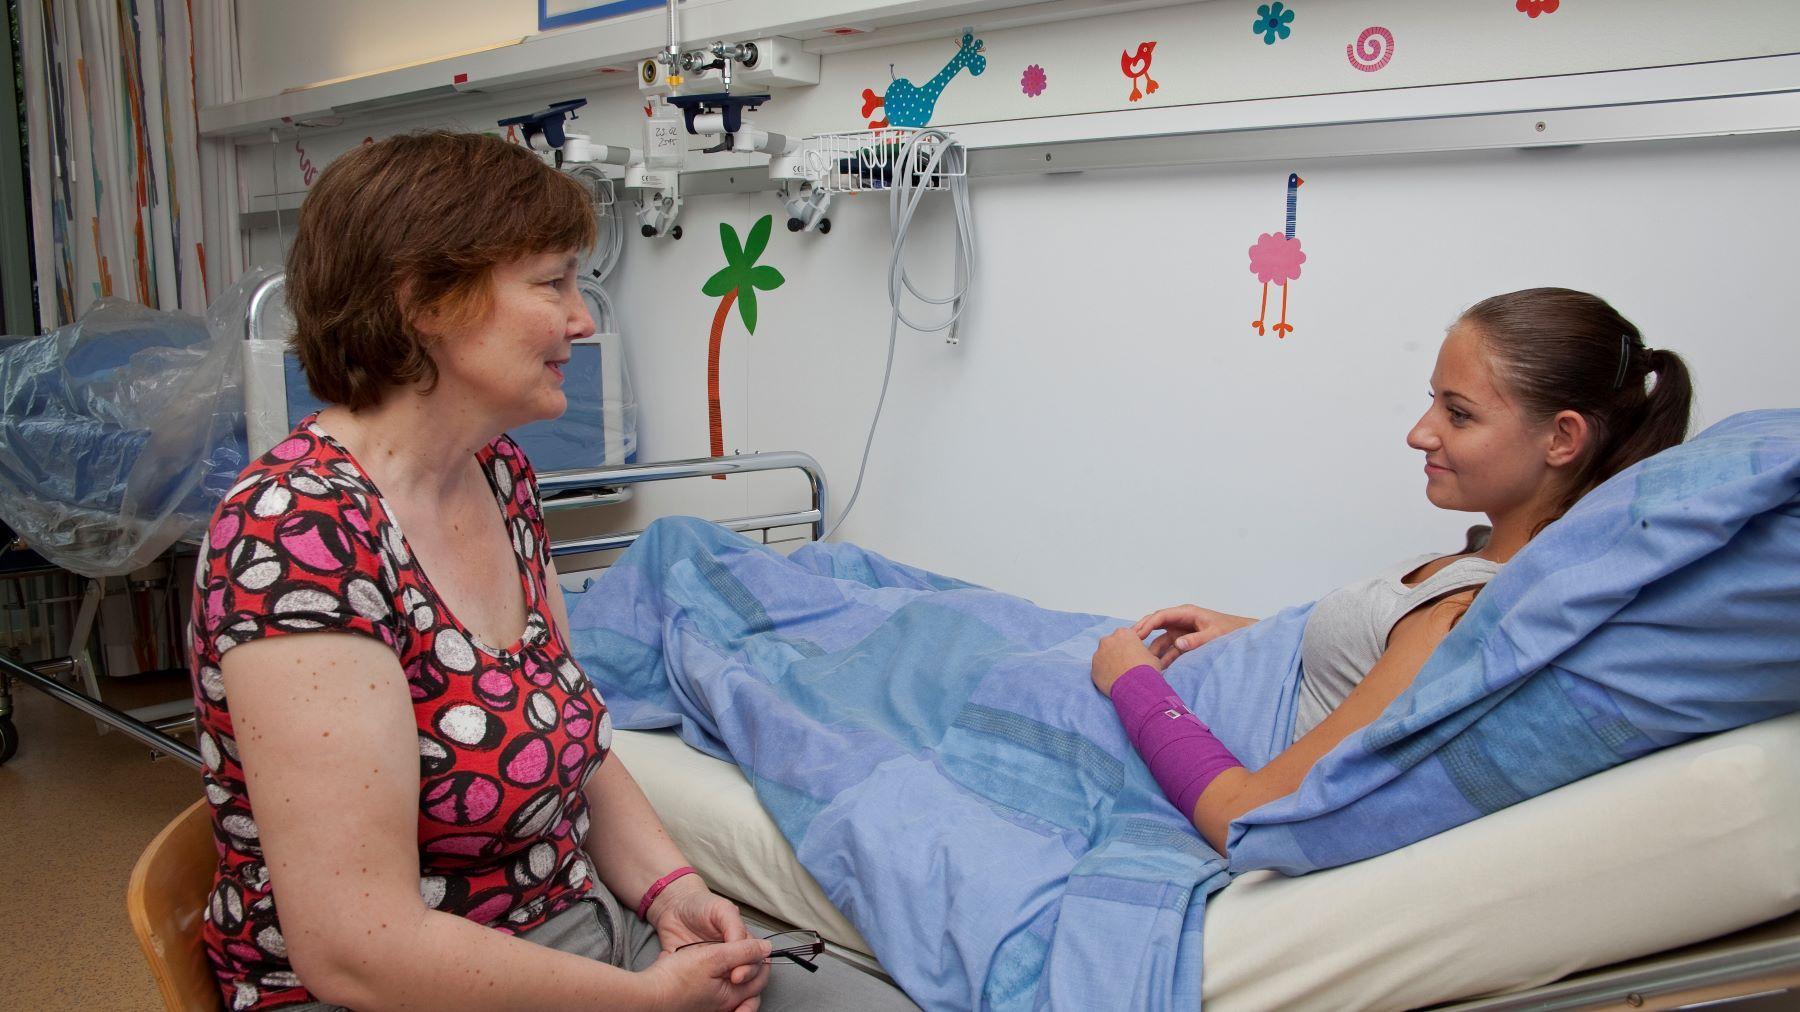 2 Spitalseelsorge Juni 2011 1800 16 9